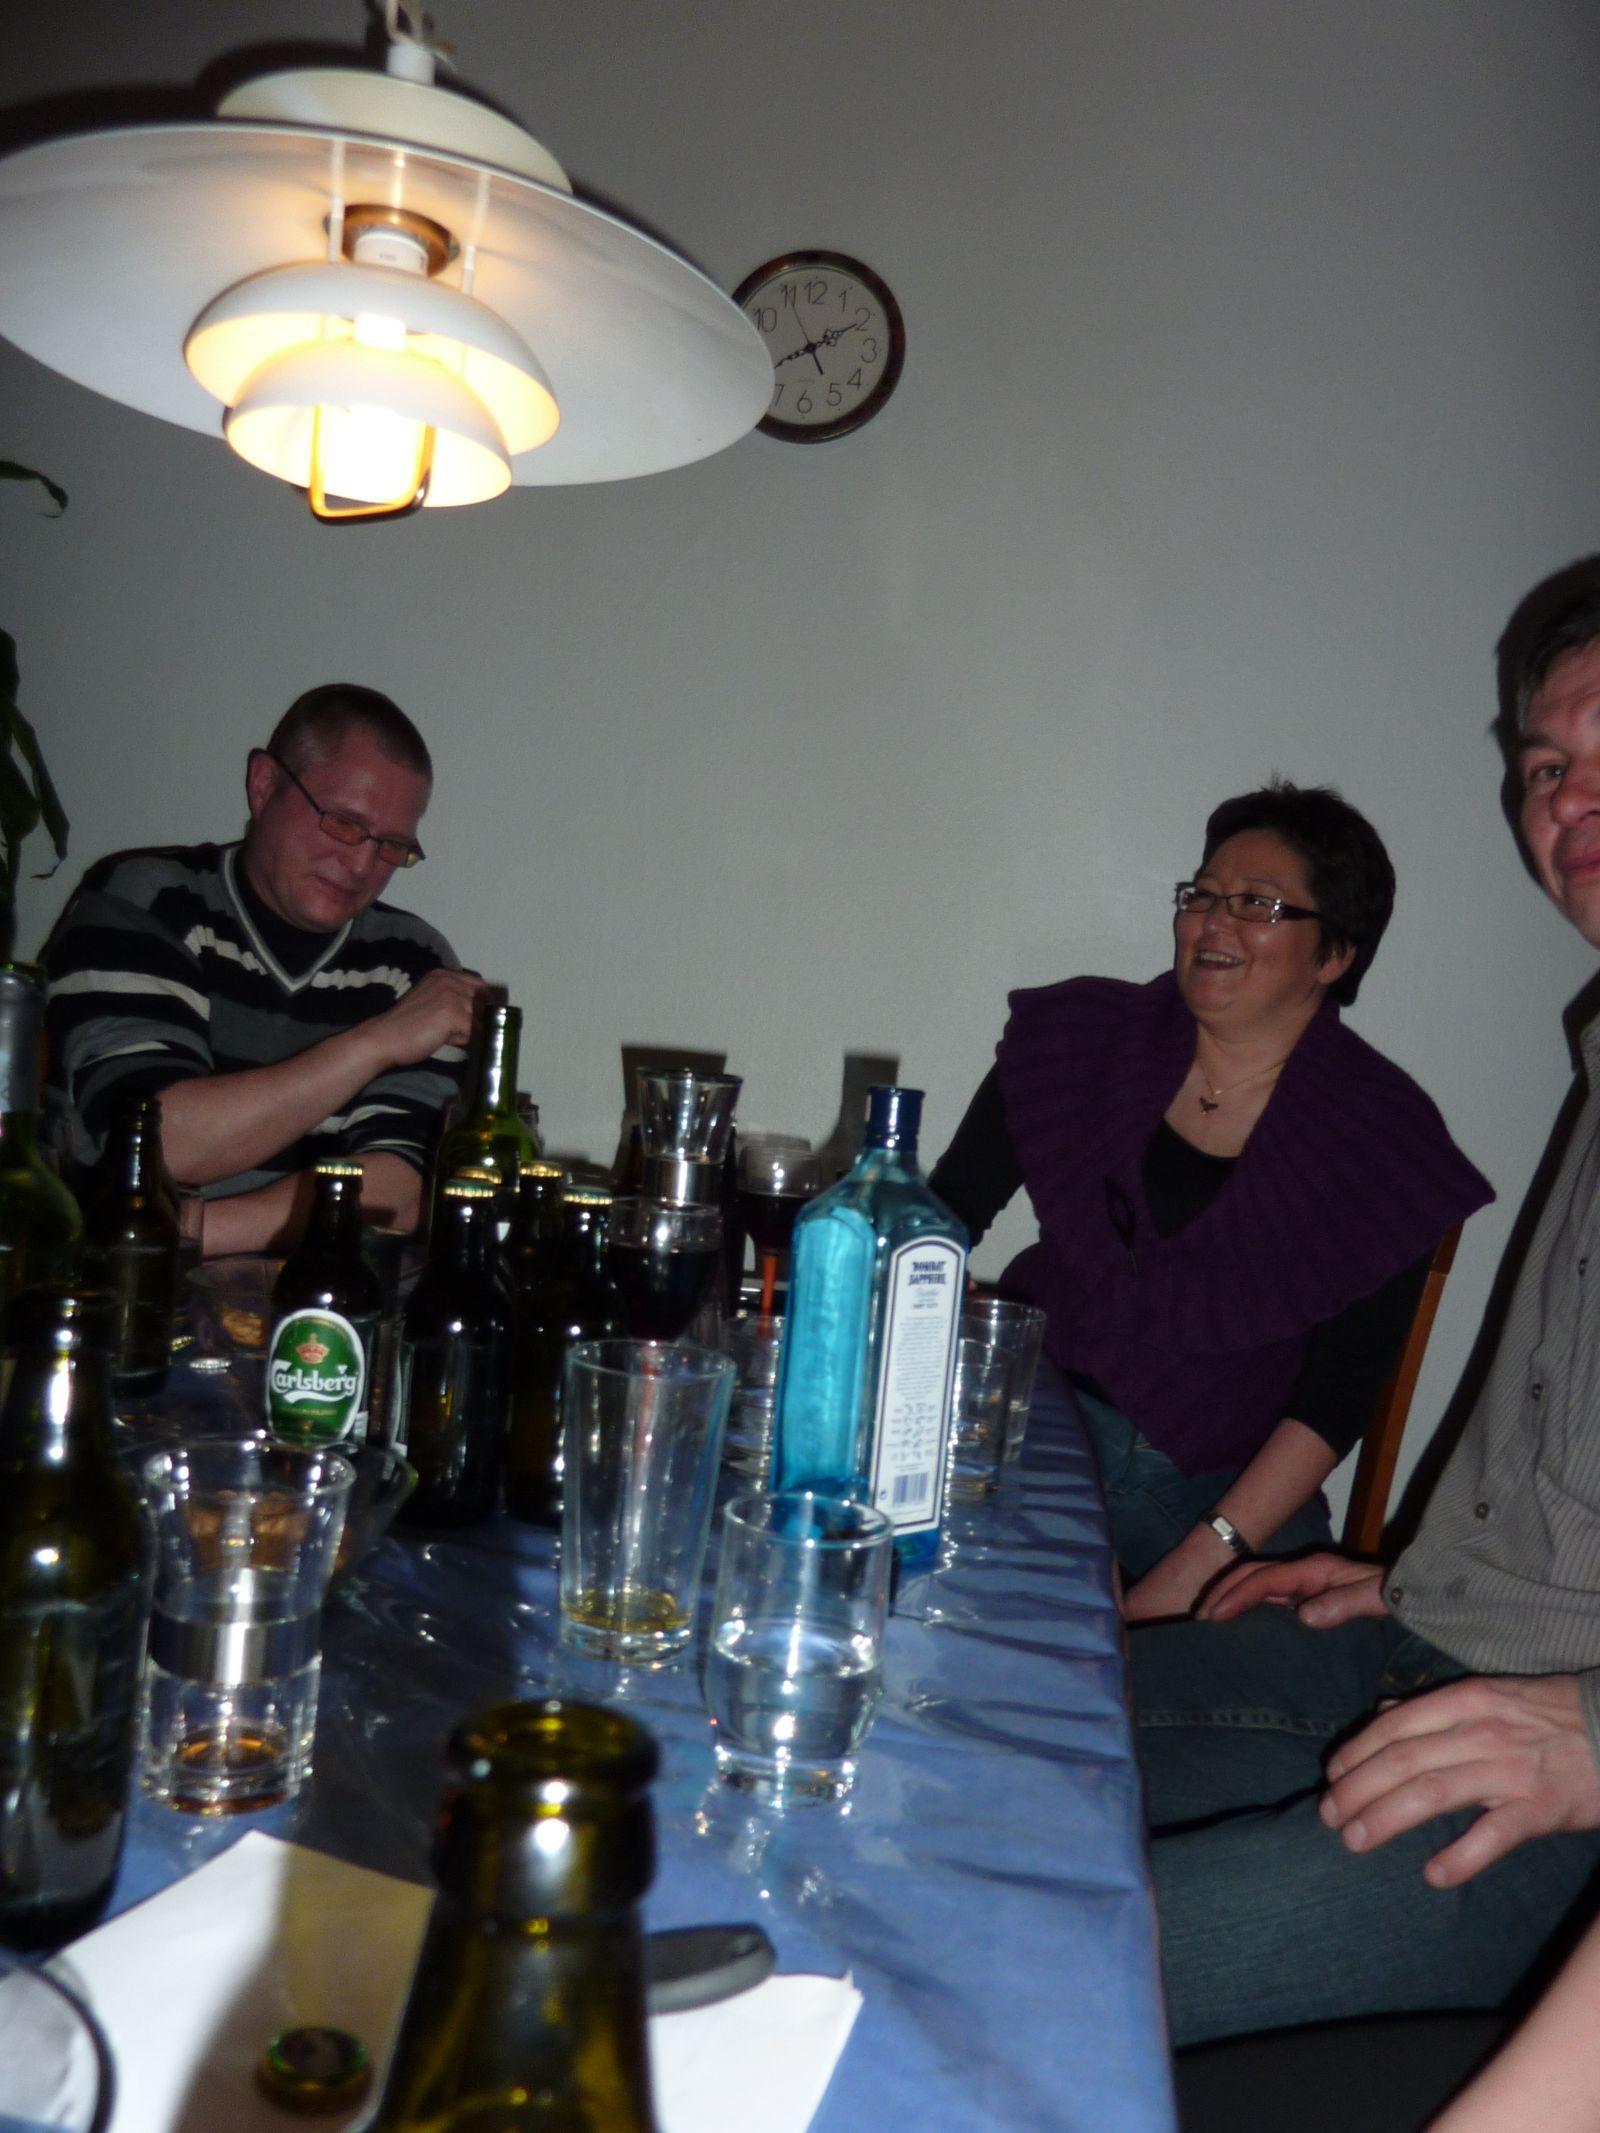 2010-03-14-0135_-_Hygge_2